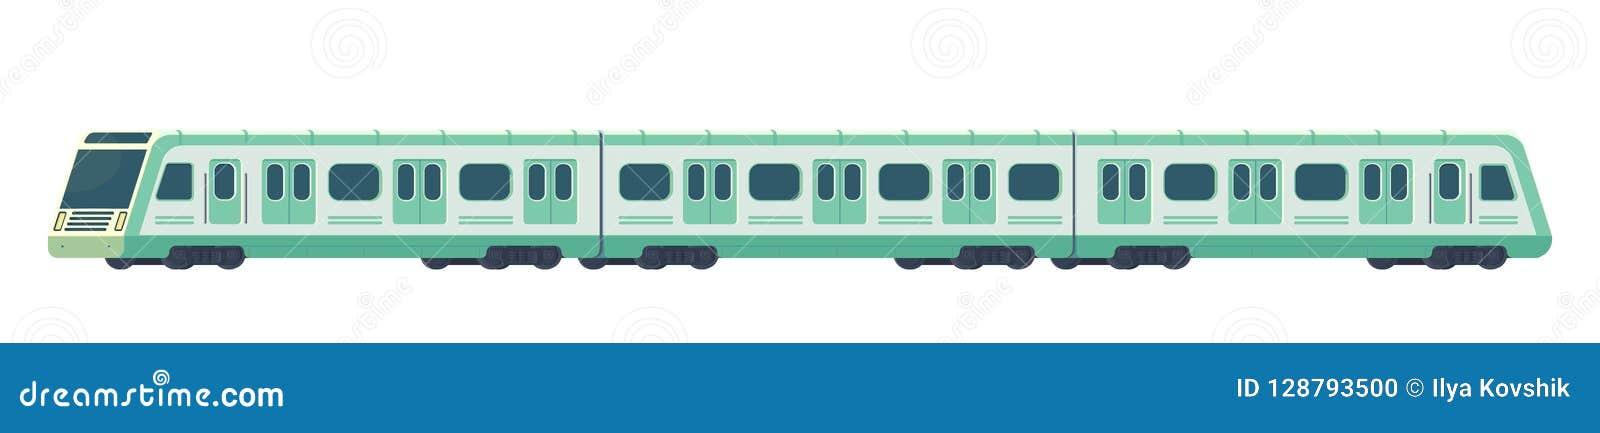 Treno ad alta velocità elettrico moderno di Passanger Trasporto ferroviario della metropolitana o del sottopassaggio Illustrazion